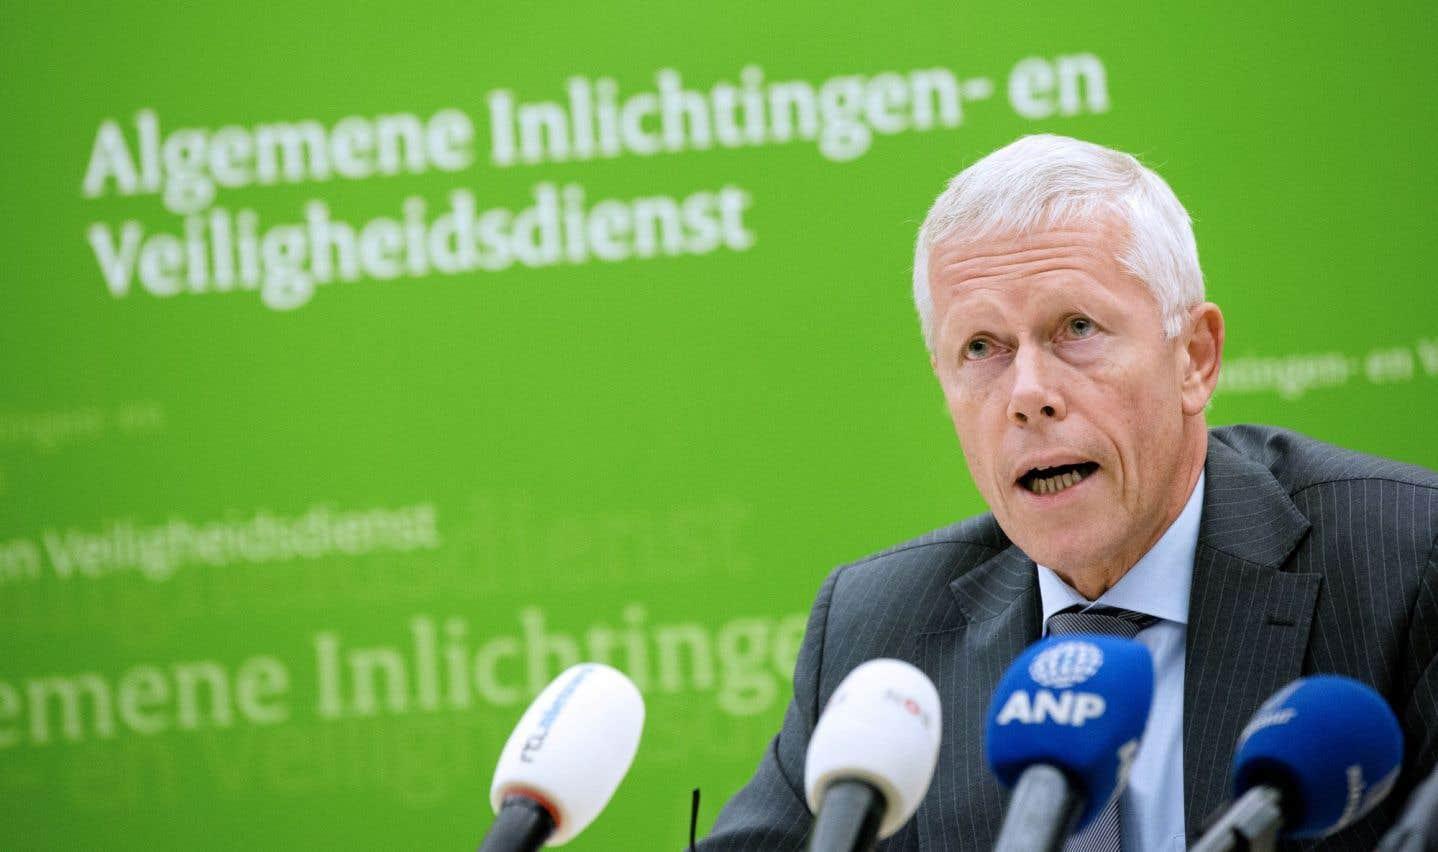 Le monde doit se préparer aux «sabotages numériques», estime l'espion en chef des Pays-Bas